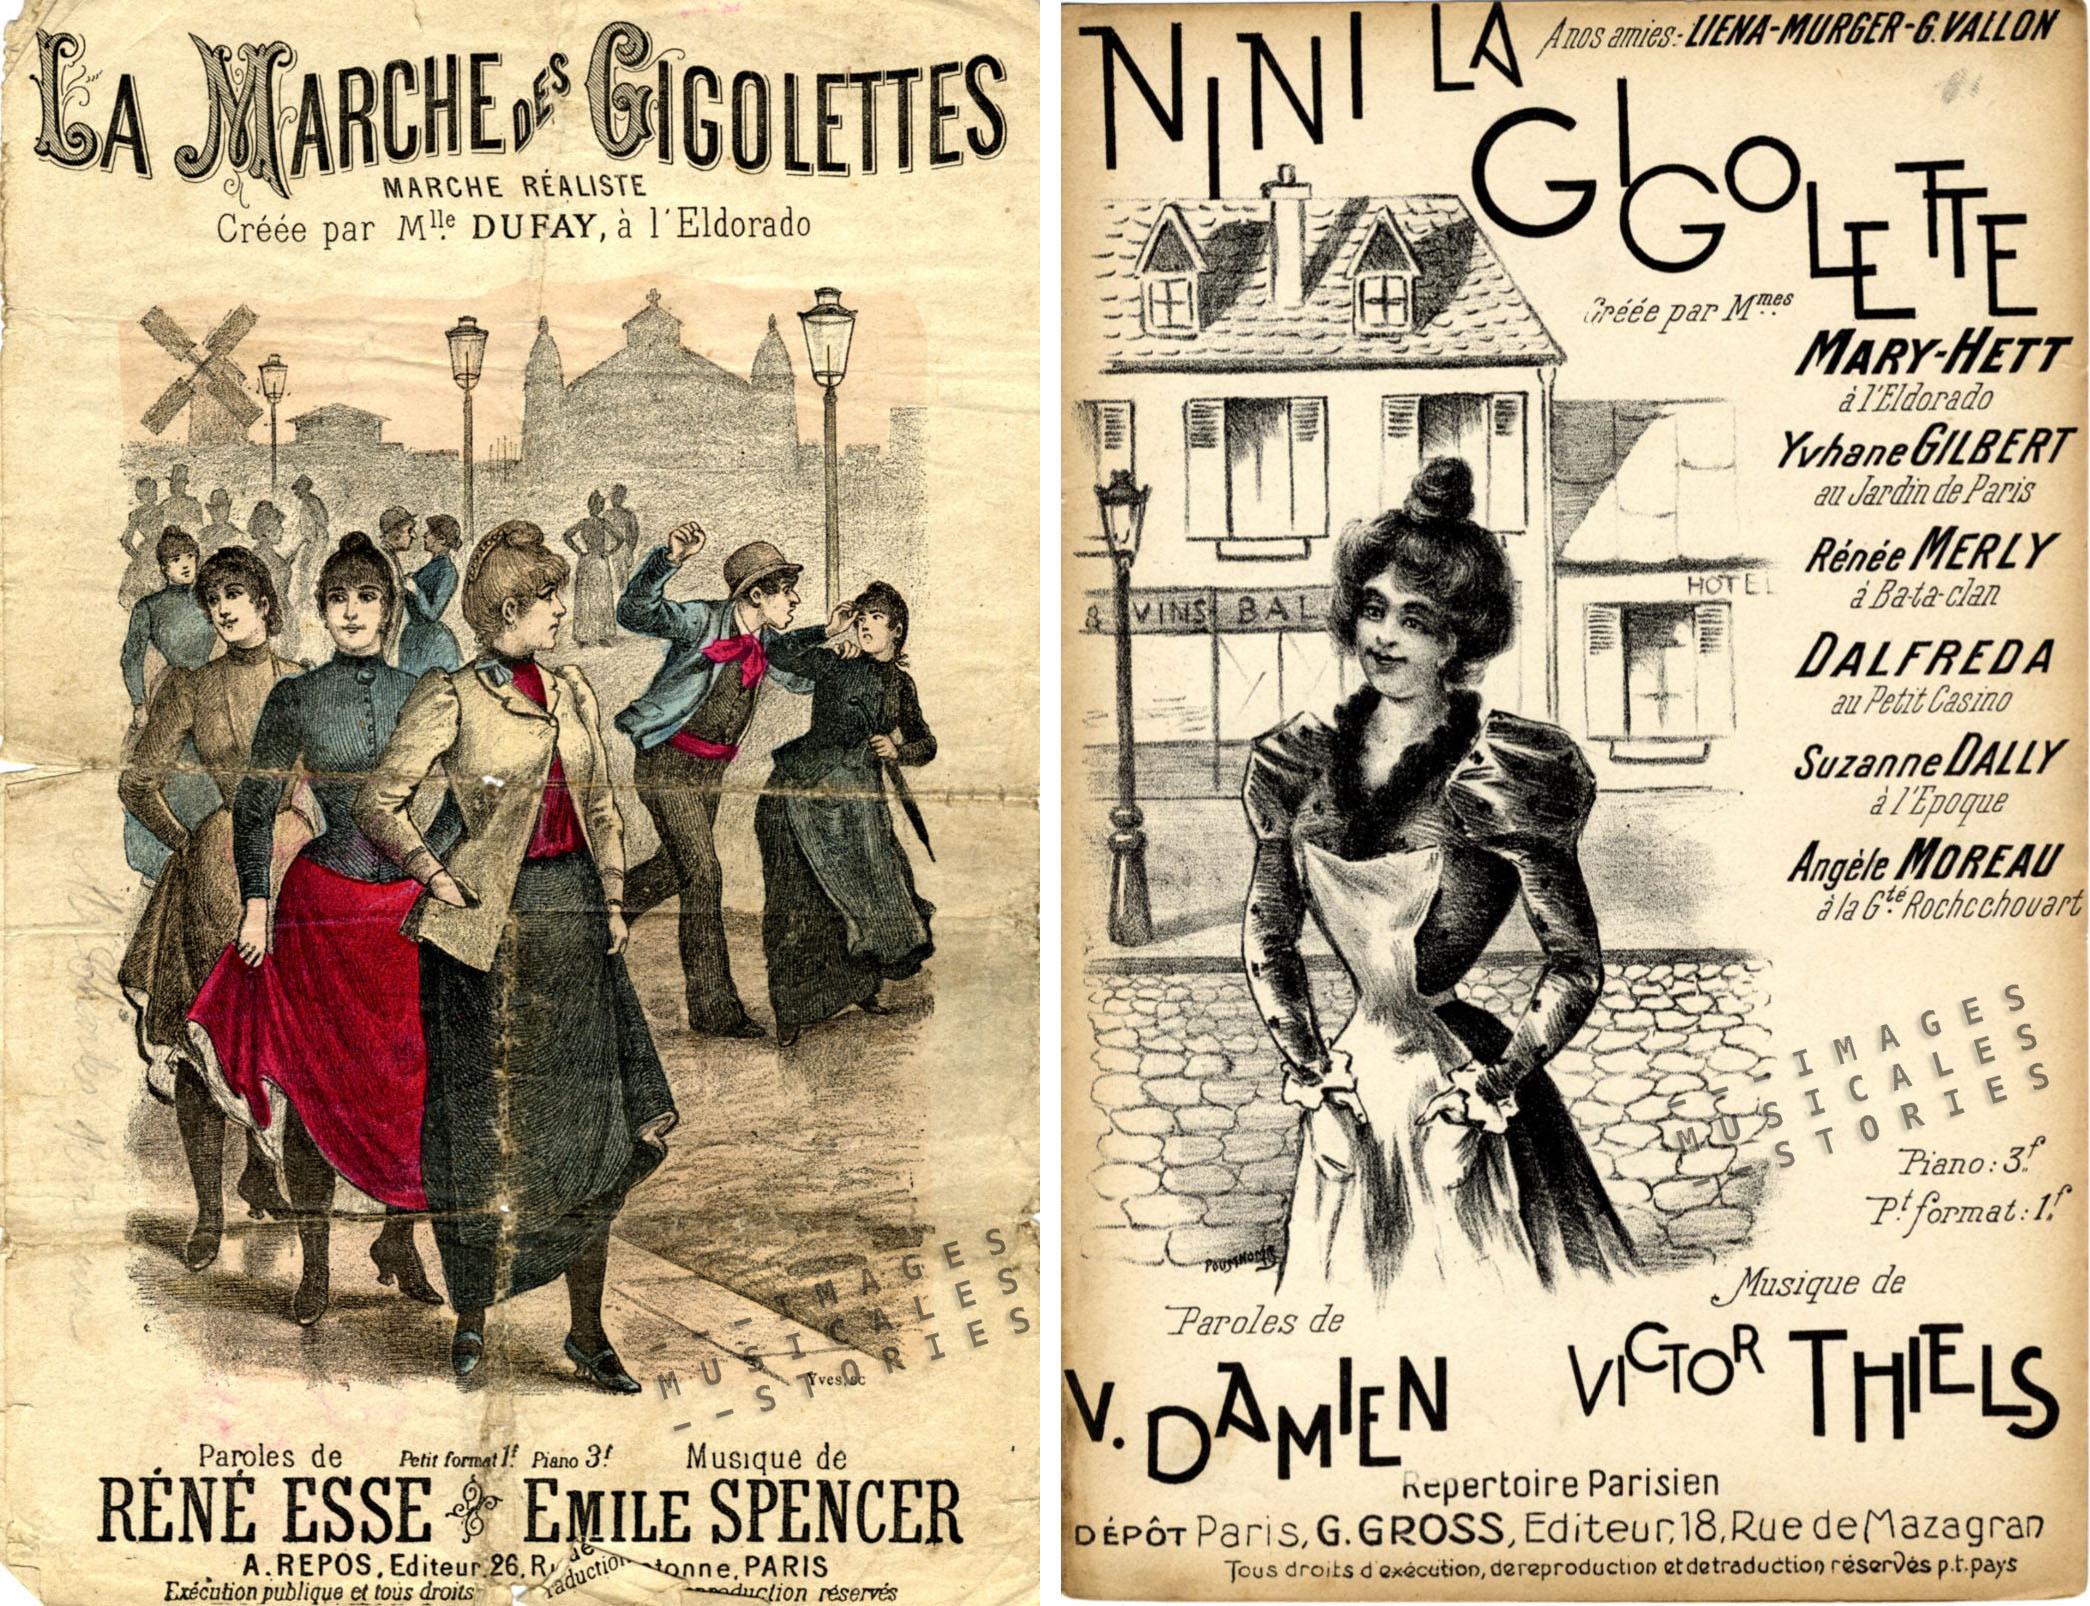 Left: 'La Marche des Gigolettes'